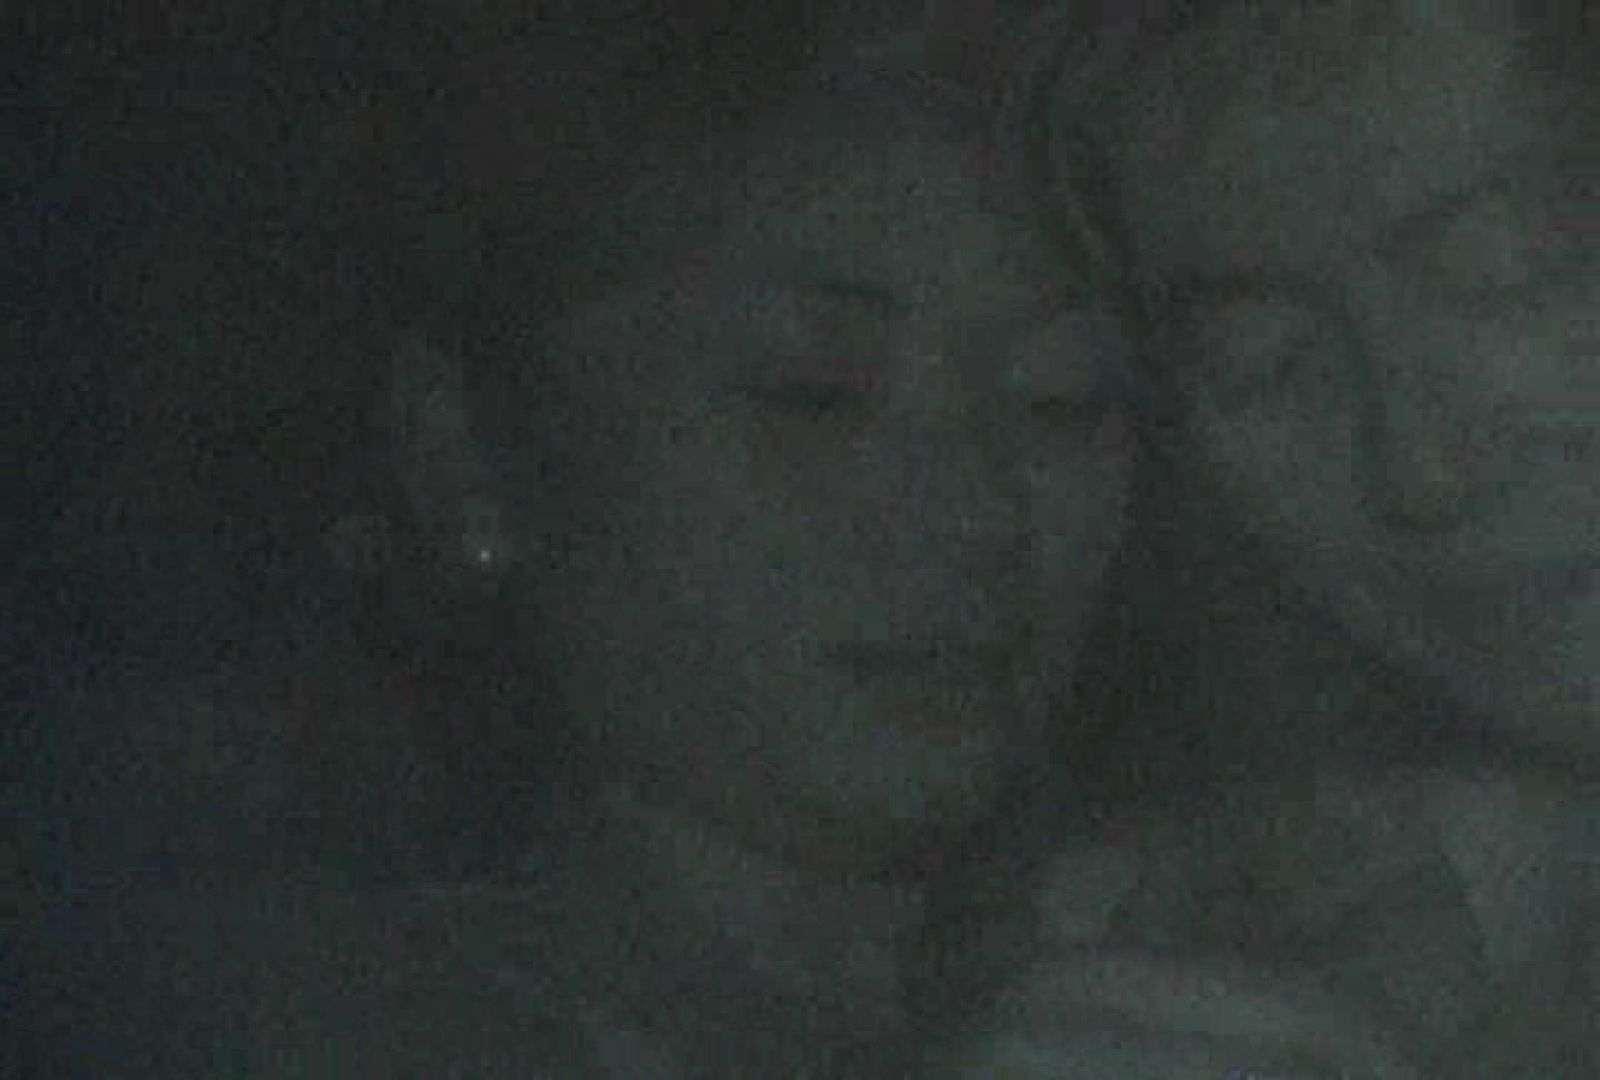 充血監督の深夜の運動会Vol.47 美しいOLの裸体 オメコ無修正動画無料 72pic 71